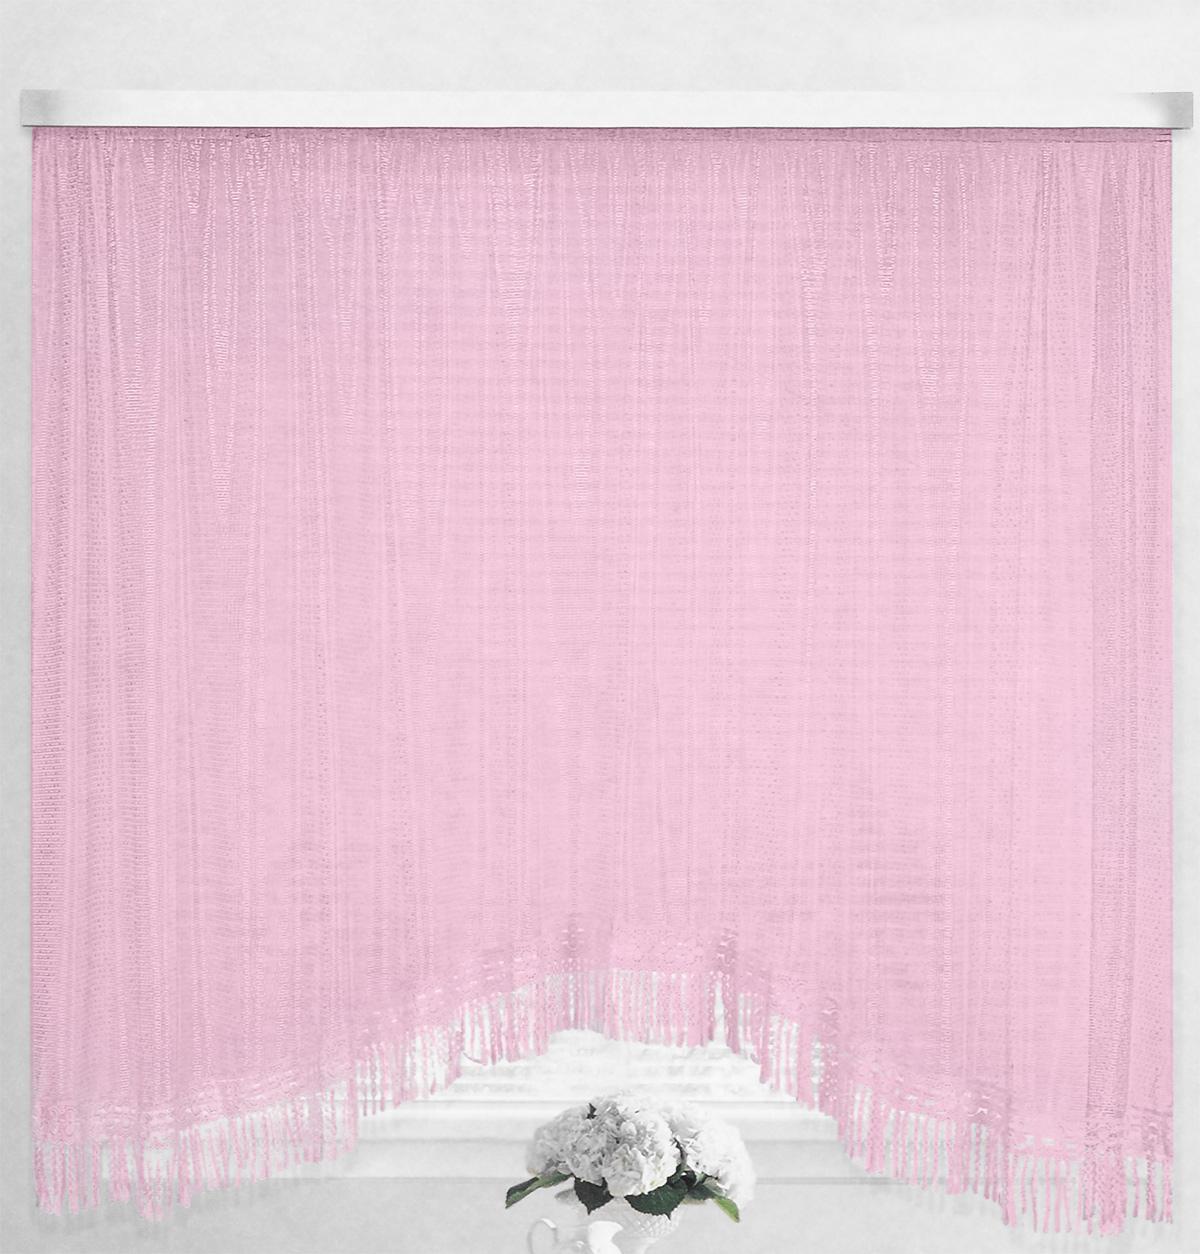 Штора-арка ТД Текстиль Капли росы, на ленте, цвет: розовый, высота 165 смS03301004Штора-арка ТД Текстиль Капли росы великолепно украсит любое окно. Штора выполнена из качественного сетчатого полиэстера и декорирована бахромой. Полупрозрачная ткань, оригинальный дизайн и приятная цветовая гамма привлекут к себе внимание и позволят шторе органично вписаться в интерьер помещения. Штора крепится на карниз при помощи шторной ленты, которая поможет красиво и равномерно задрапировать верх. Изделие отлично подходит для кухни, столовой и спальни.